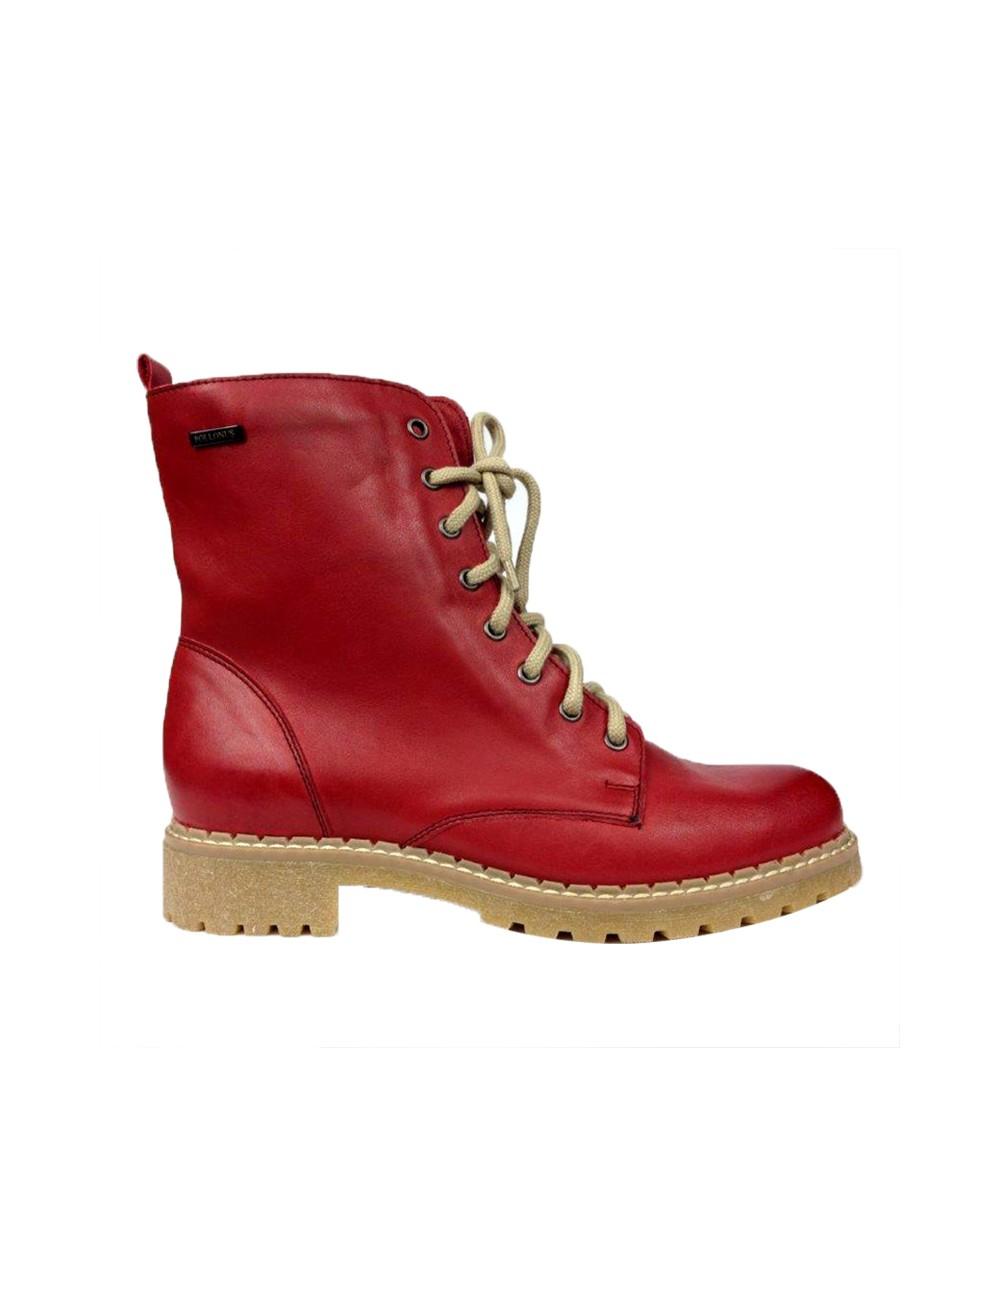 57c81b9295f07 Wierzch wykonany jest z doskonałej jakości skóry licowej.W środku ciepły  przyjemny w dotyku polarek. Podeszwa typowa dla butów z protektorem ...